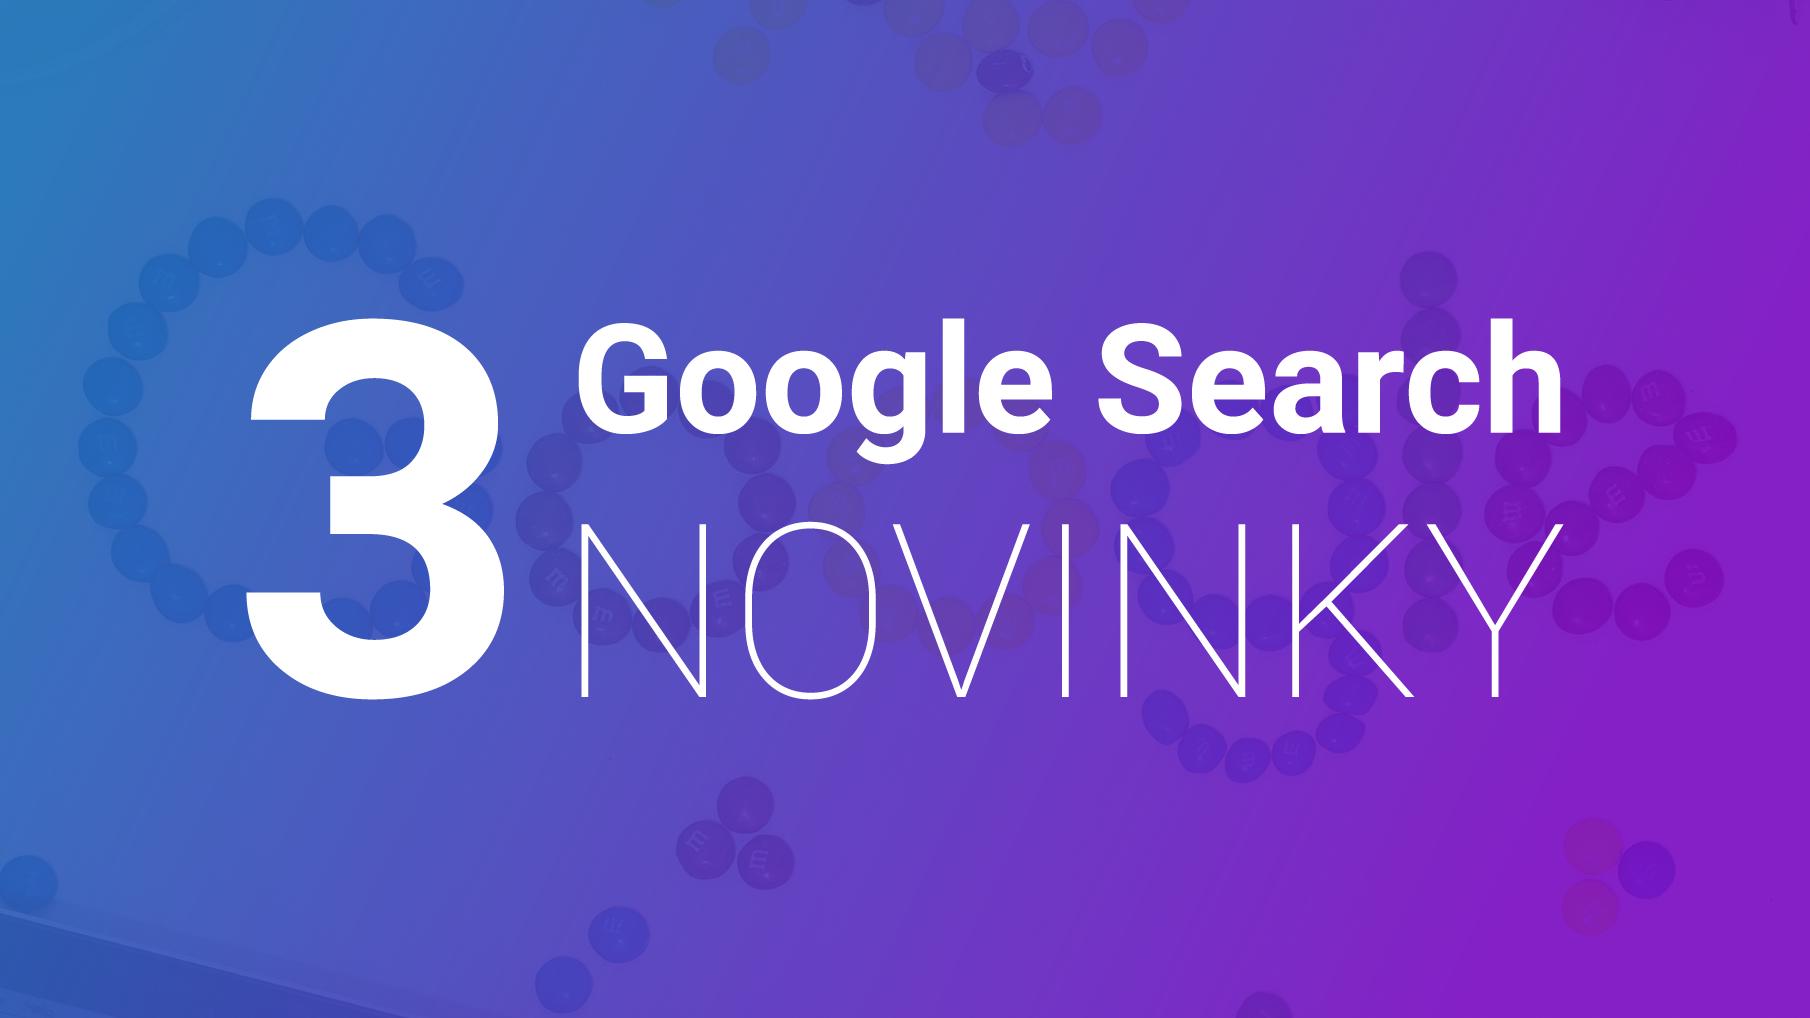 3 Google Novinky V Google Search